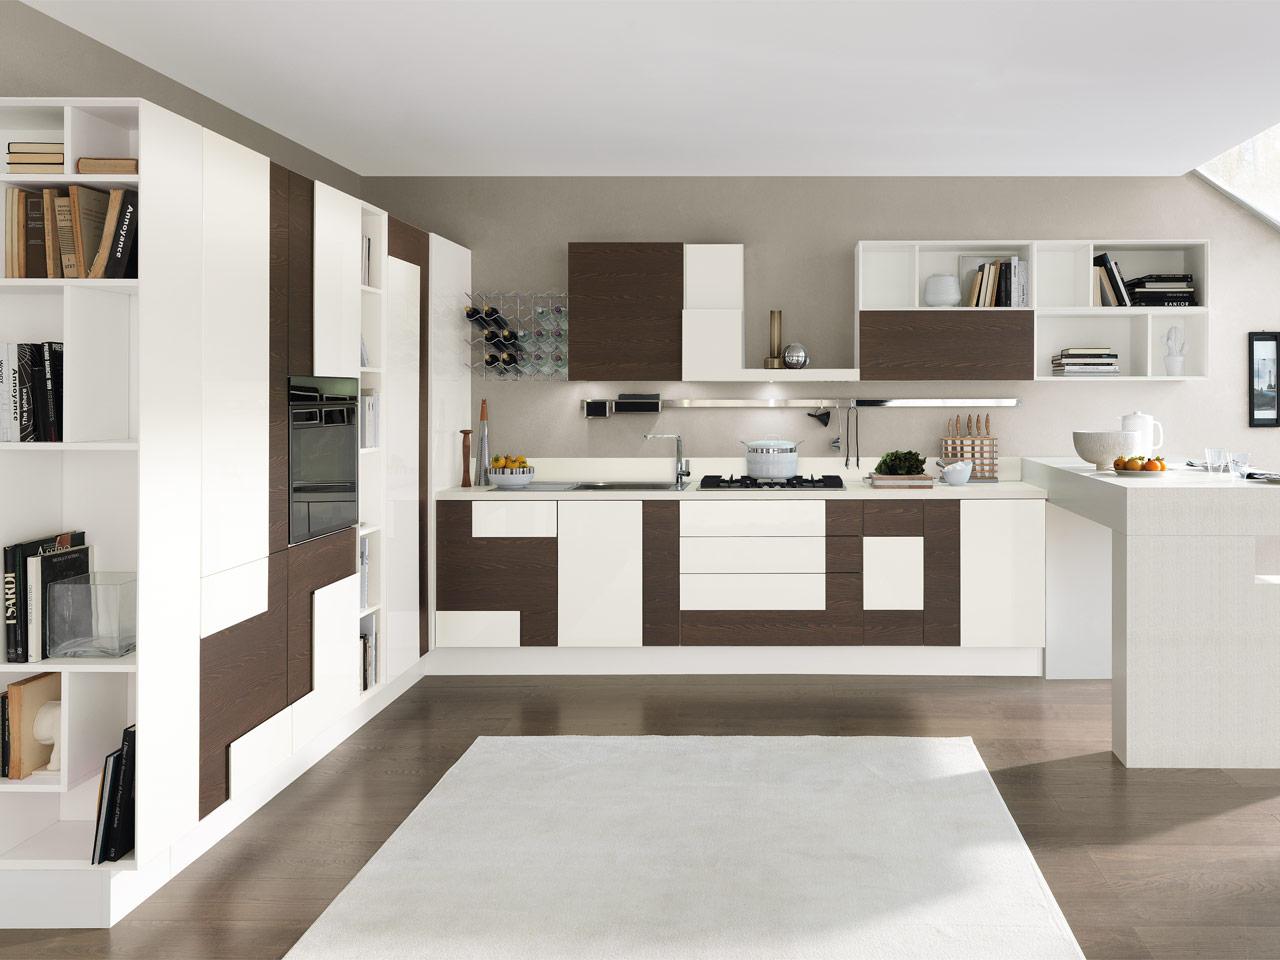 Cucine Lube Veneto : Arredalcasa l arredamento di qualità nel più grande